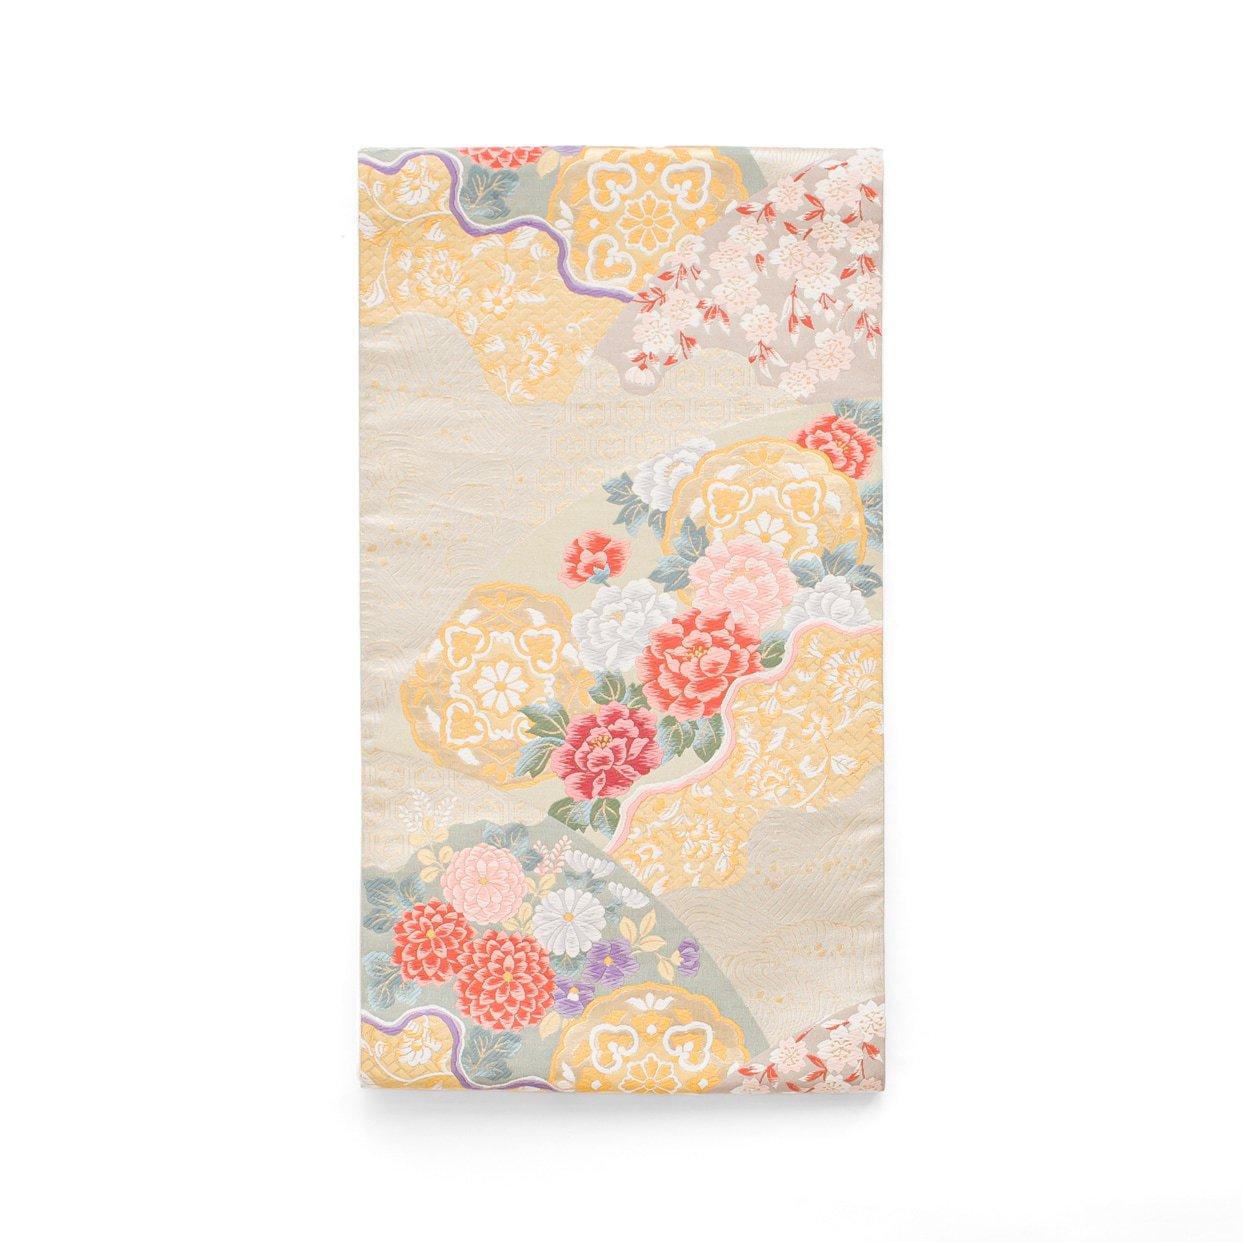 「袋帯●牡丹 菊 桜など」の商品画像